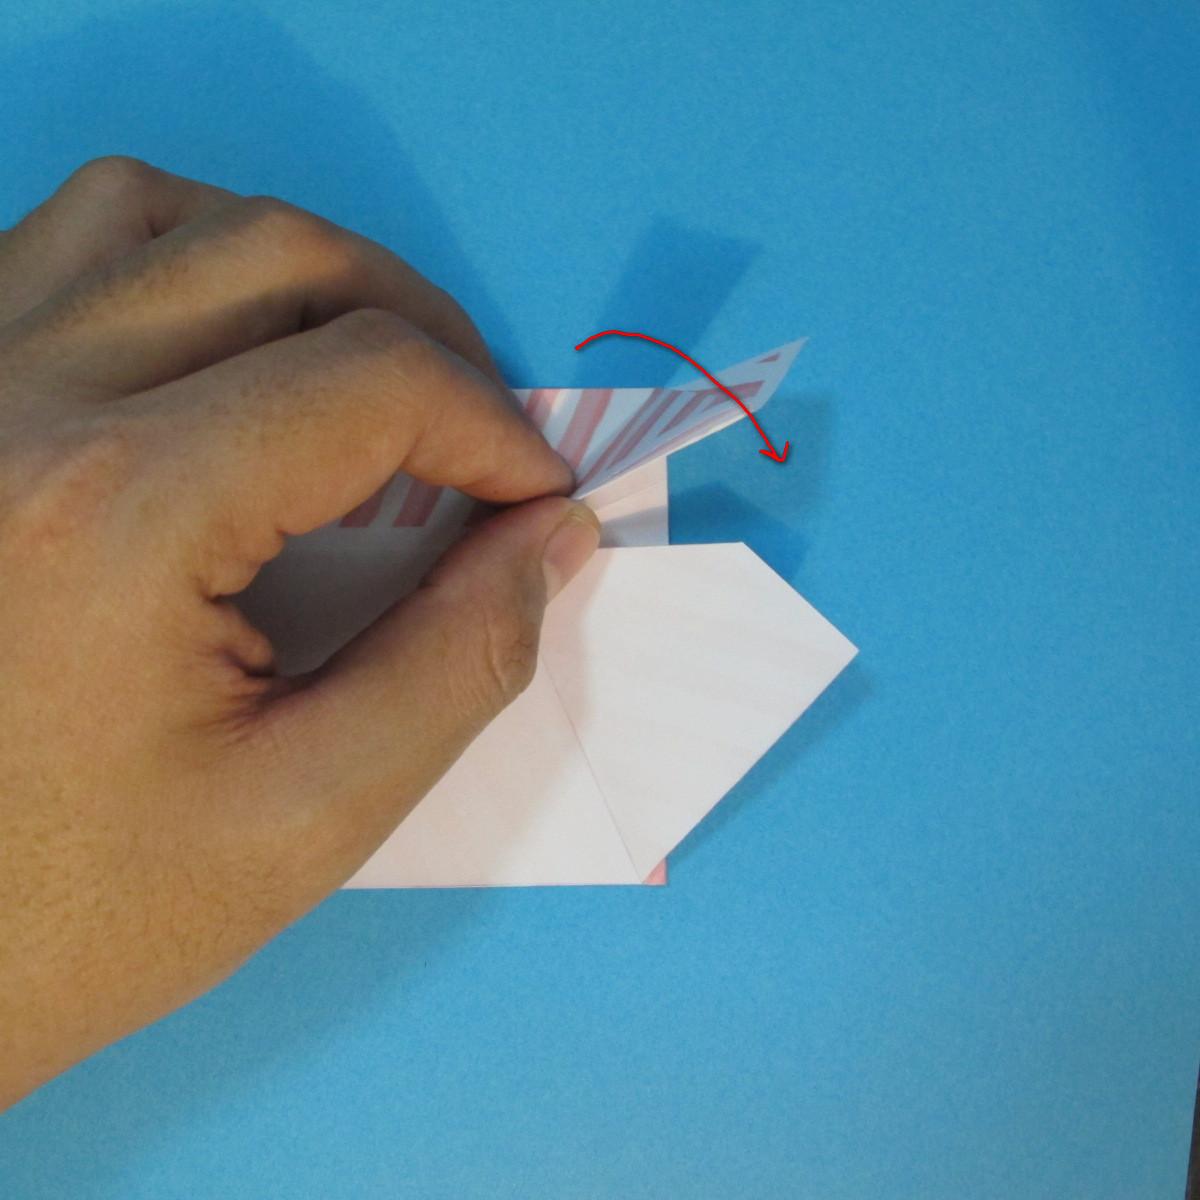 วิธีพับกล่องกระดาษรูปหัวใจส่วนฐานกล่อง 026